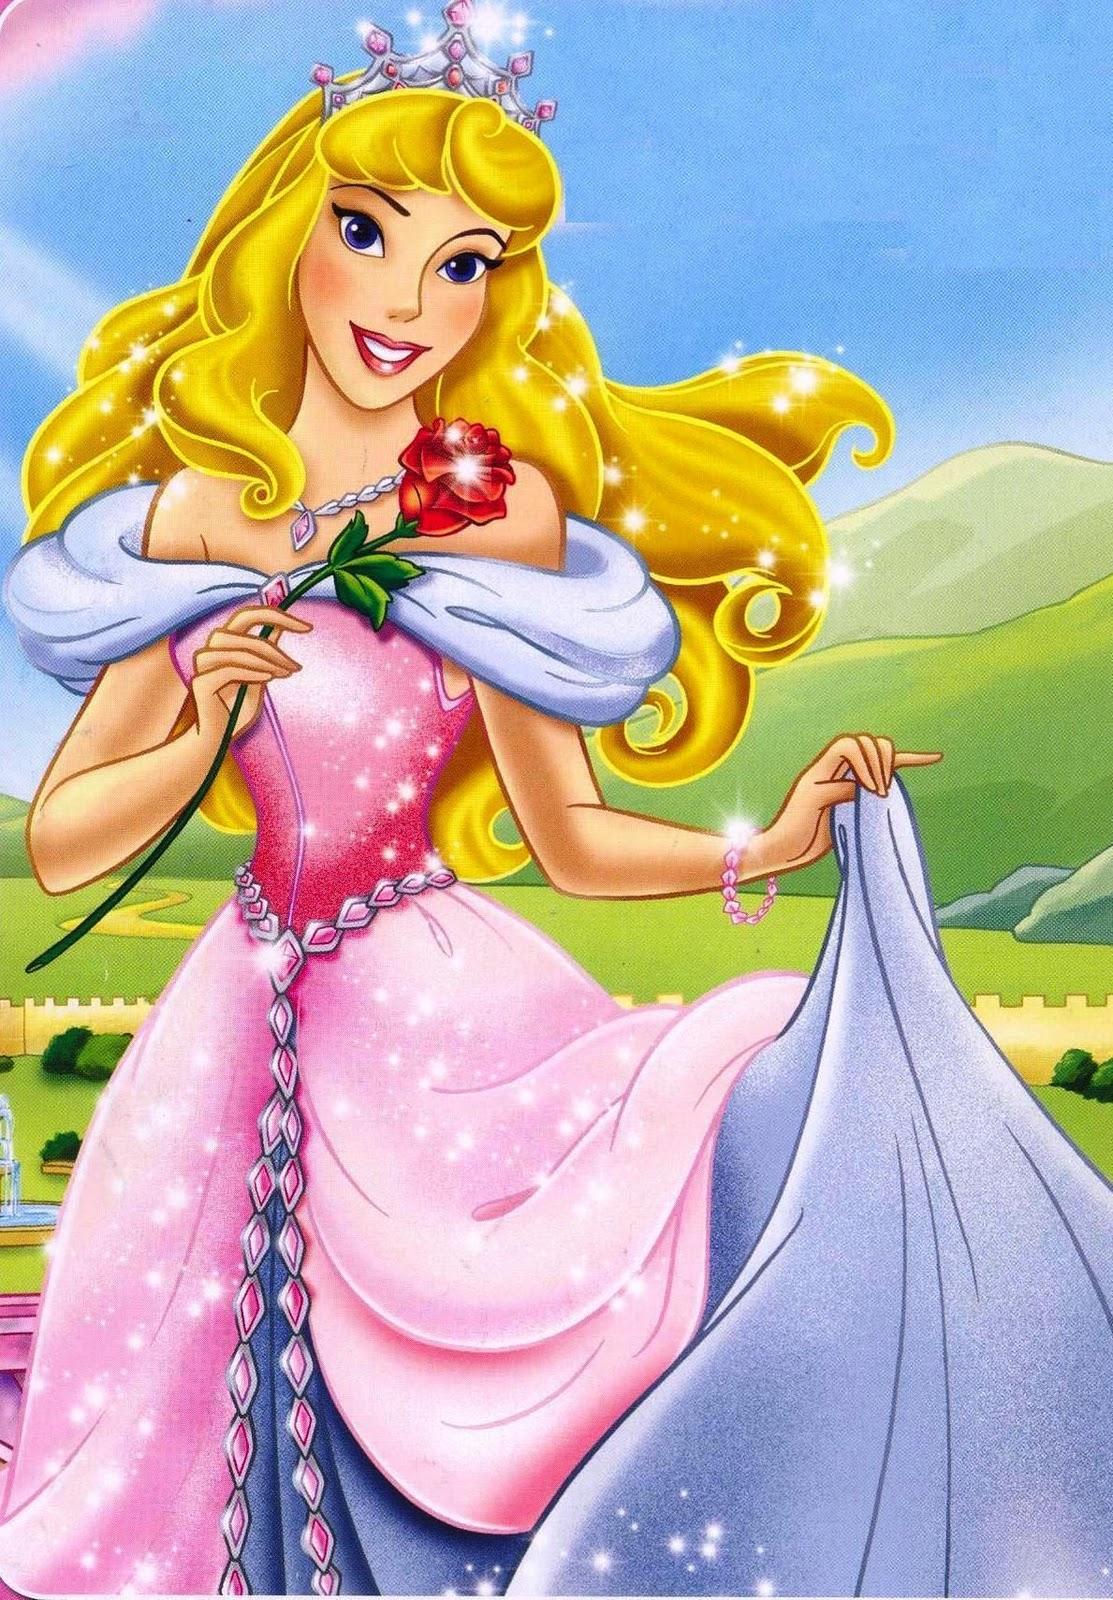 http://2.bp.blogspot.com/-APjJM-BwHHA/TrT9-yl6PVI/AAAAAAAADeg/K-_XC4Vw41g/s1600/Princess+Aurora.jpg